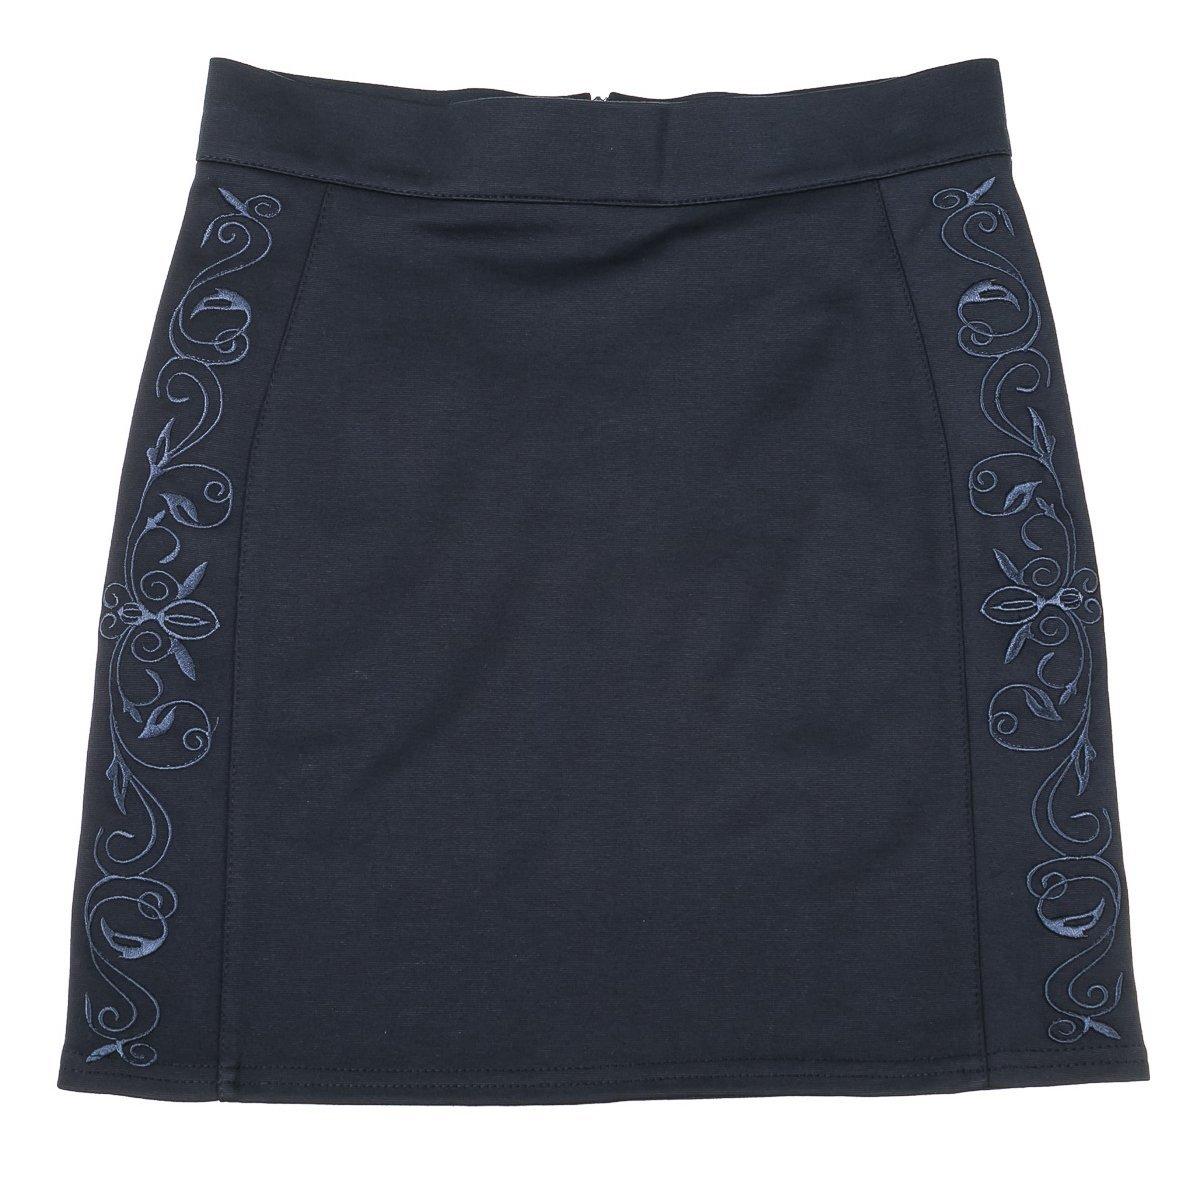 Купить Платья, сарафаны, юбки, Юбка Mevis Olivia темно-синяя, р. 164 1684-01 ТМ: Mevis, синий